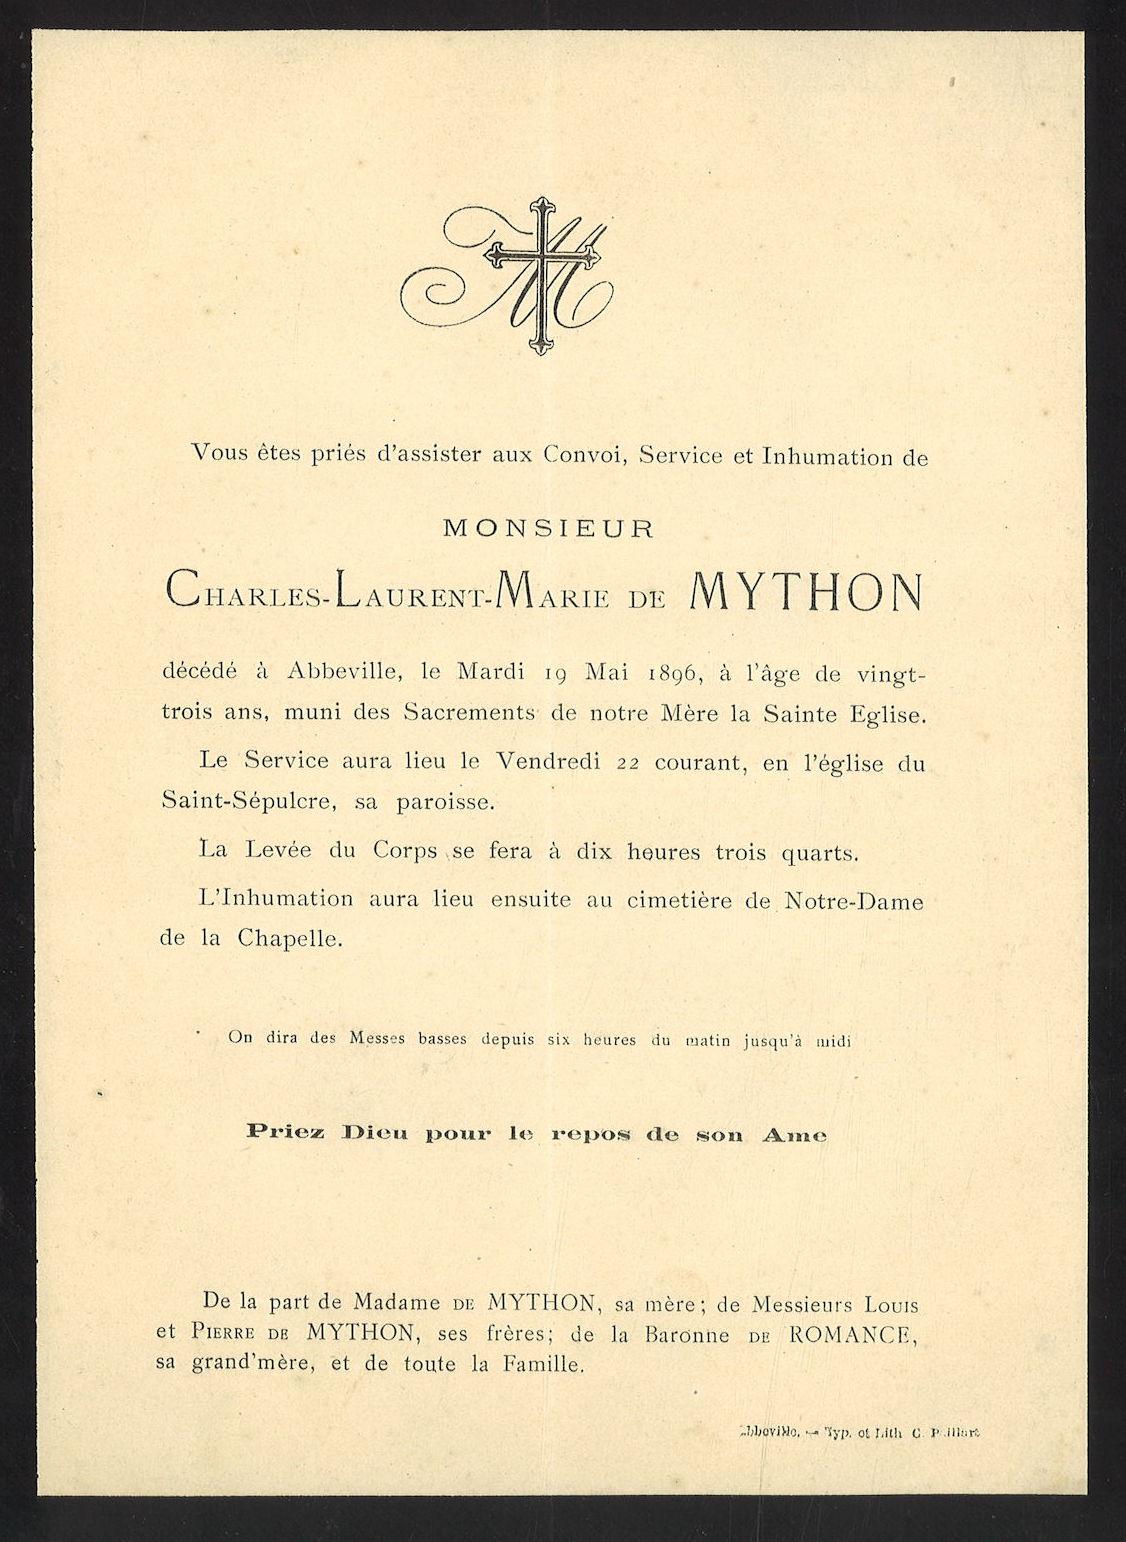 Charles-Laurent-Marie de Mython